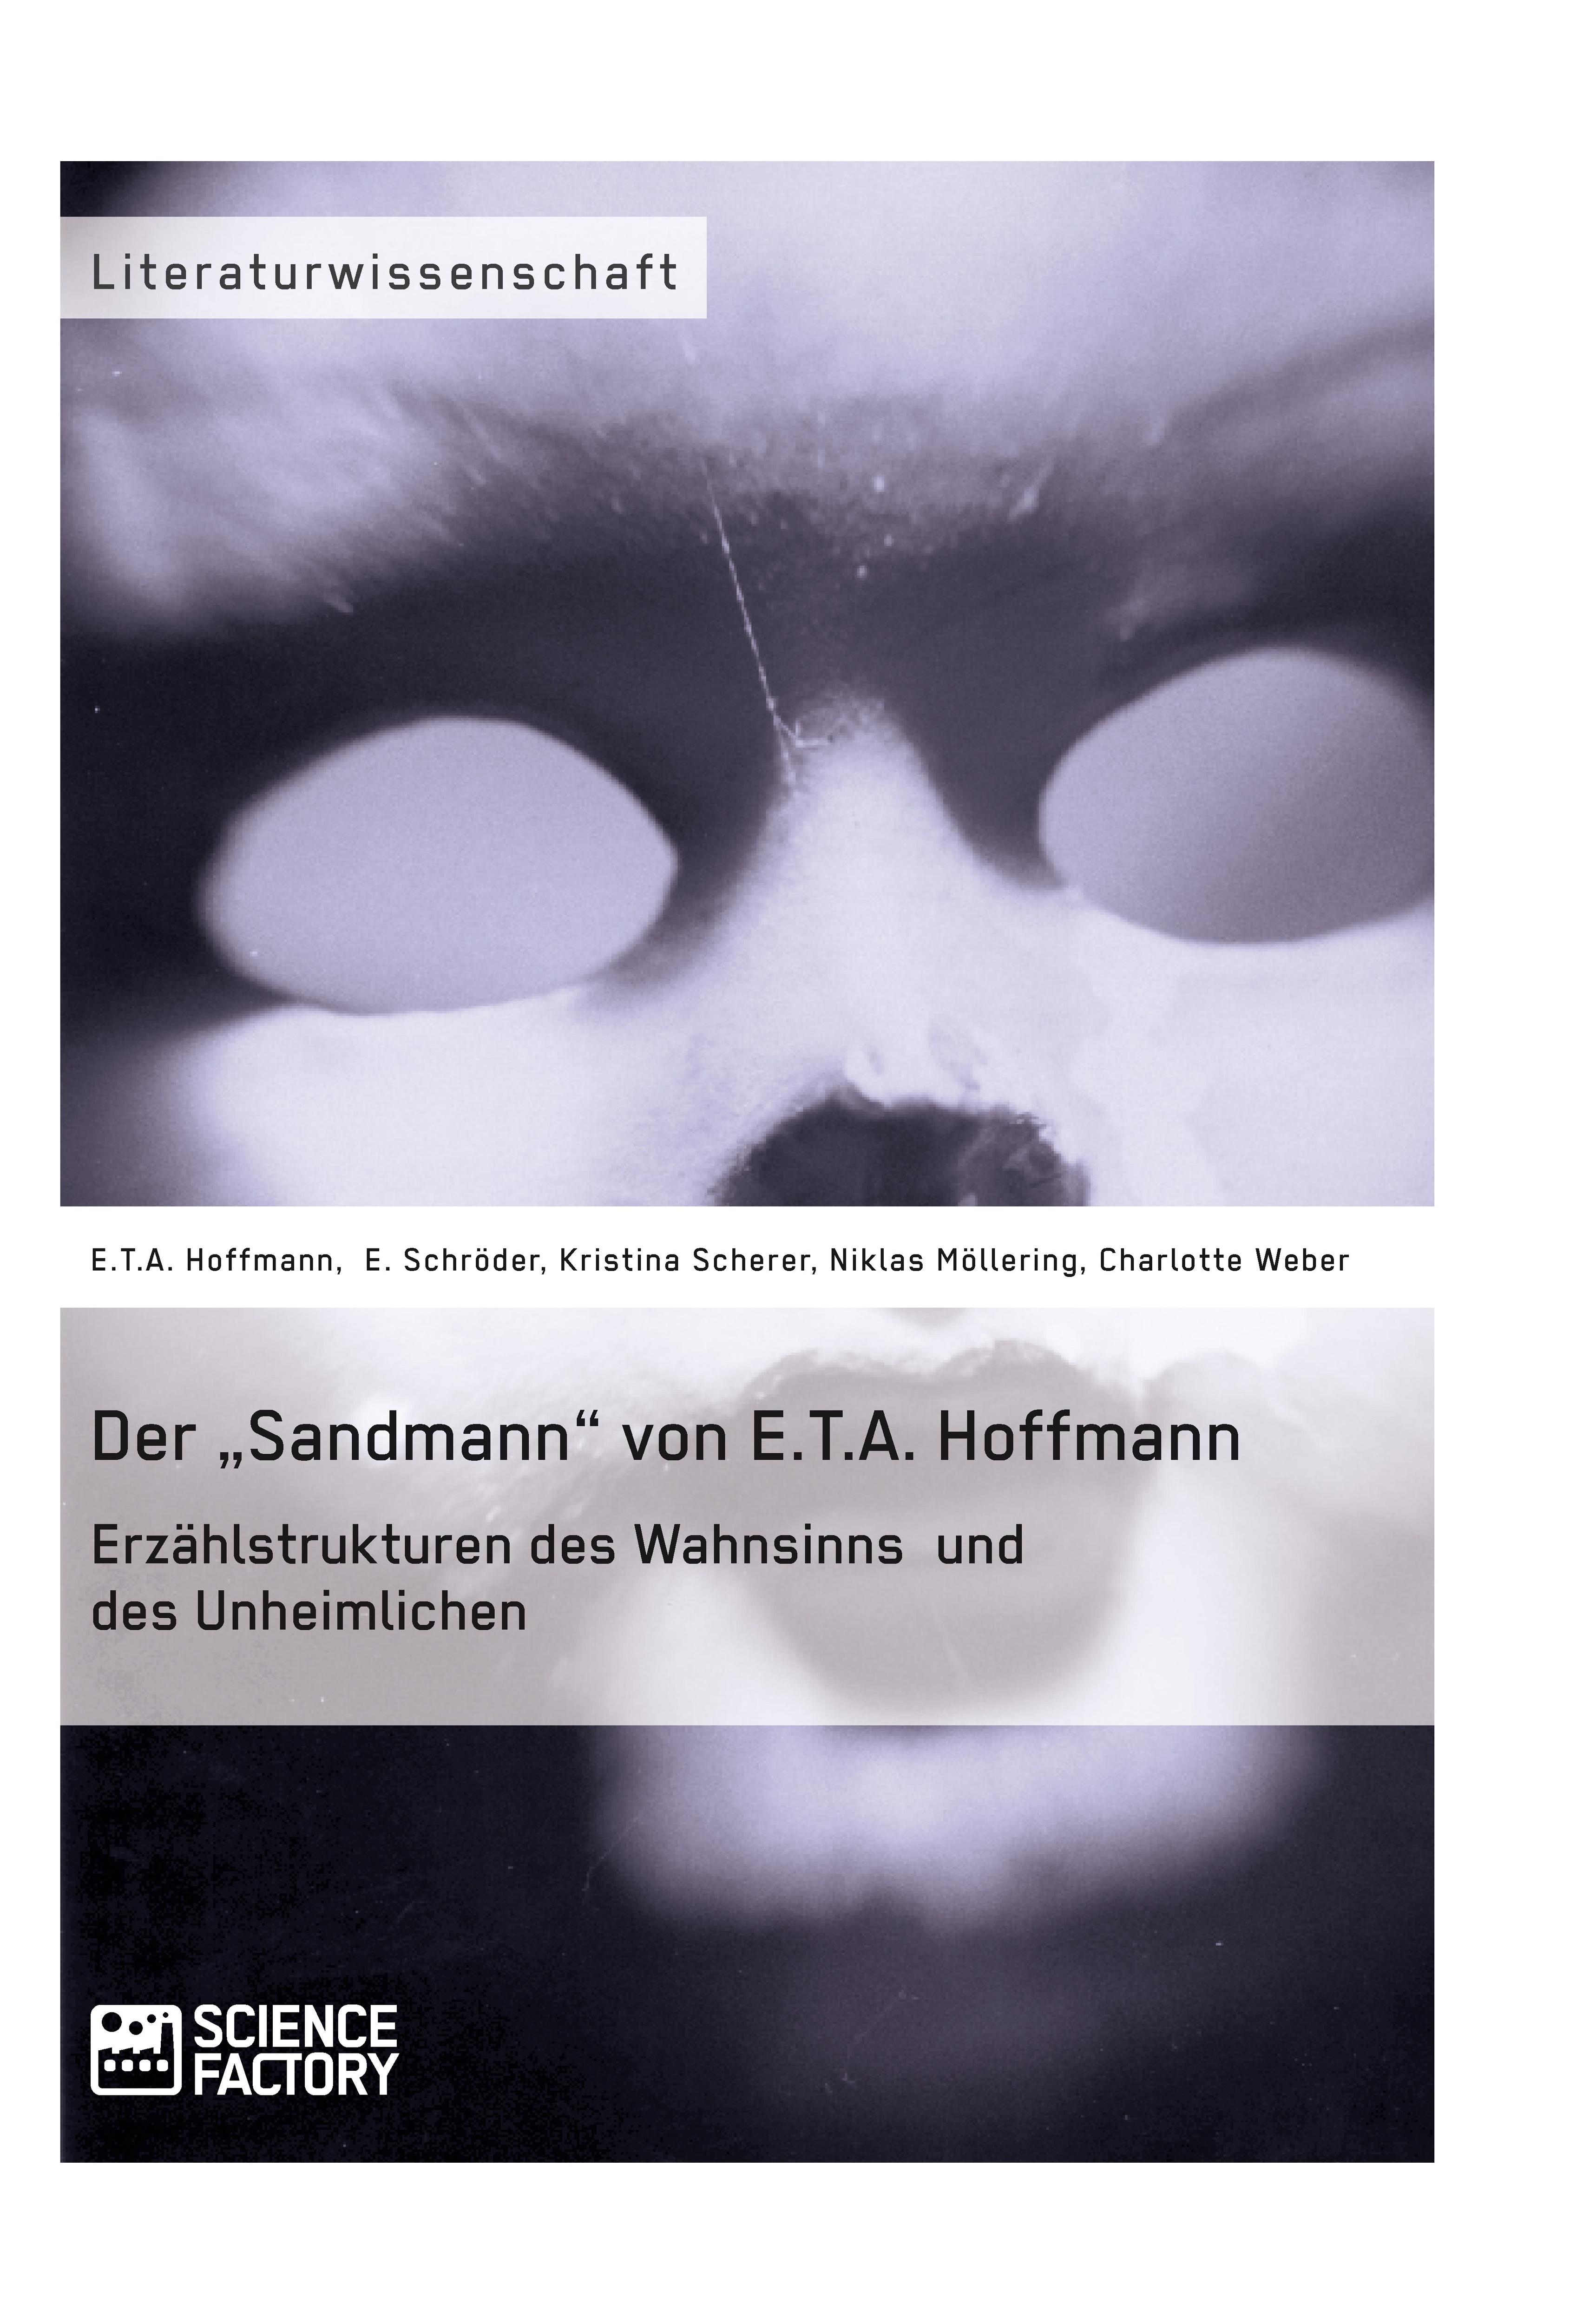 """Titel: Der """"Sandmann"""" von E.T.A. Hoffmann. Erzählstrukturen des Wahnsinns und des Unheimlichen"""